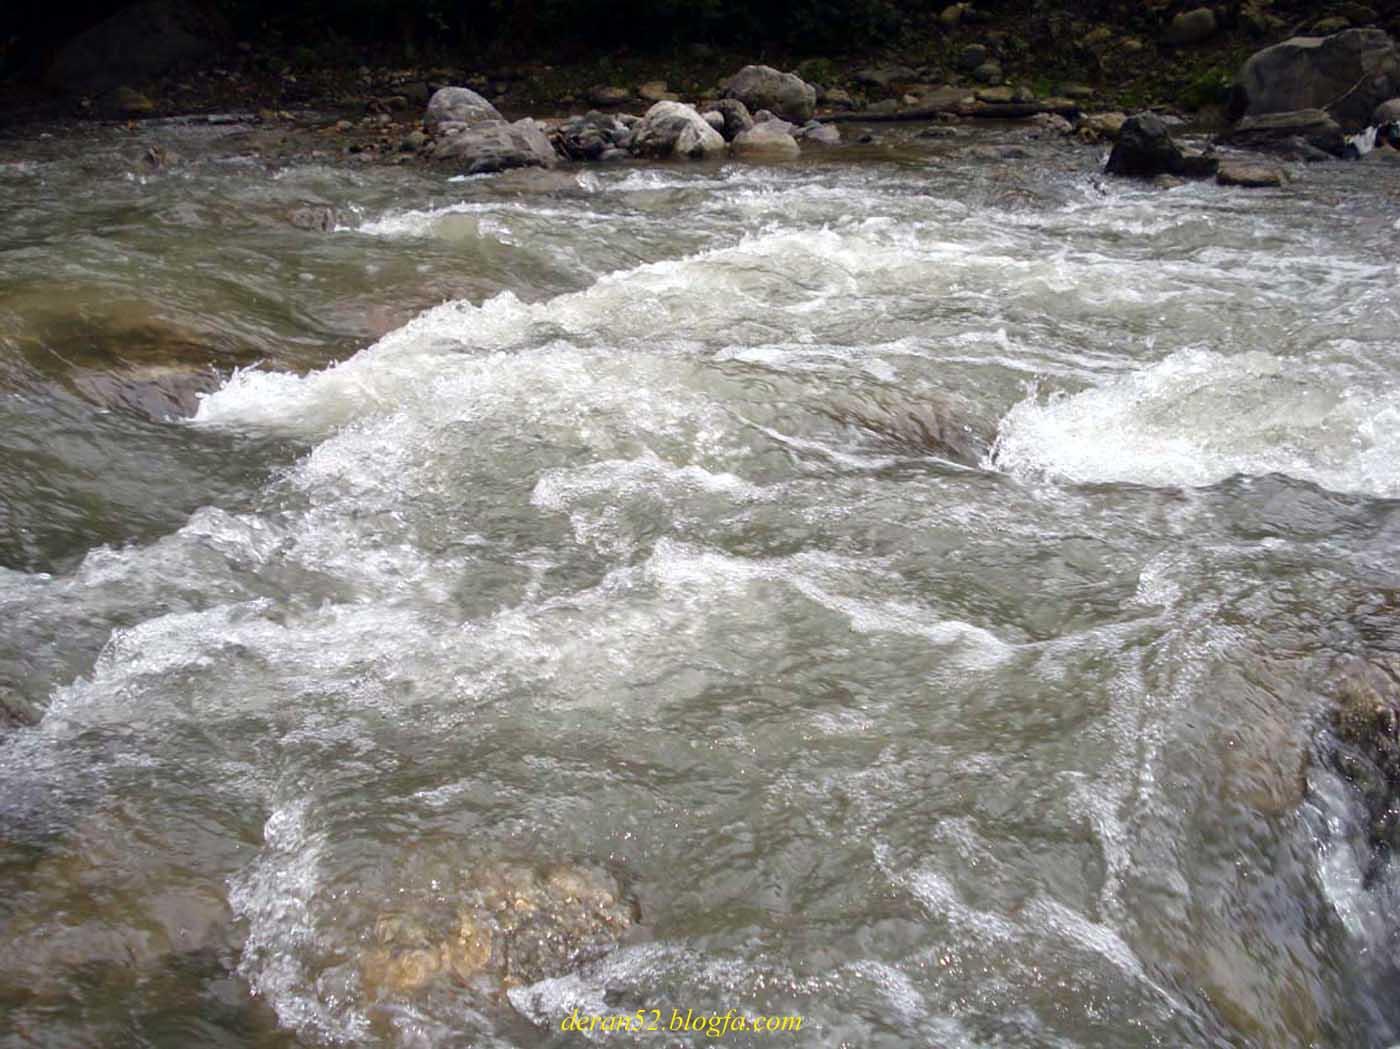 نمونه طرح جابربن حیان نهر یا رود